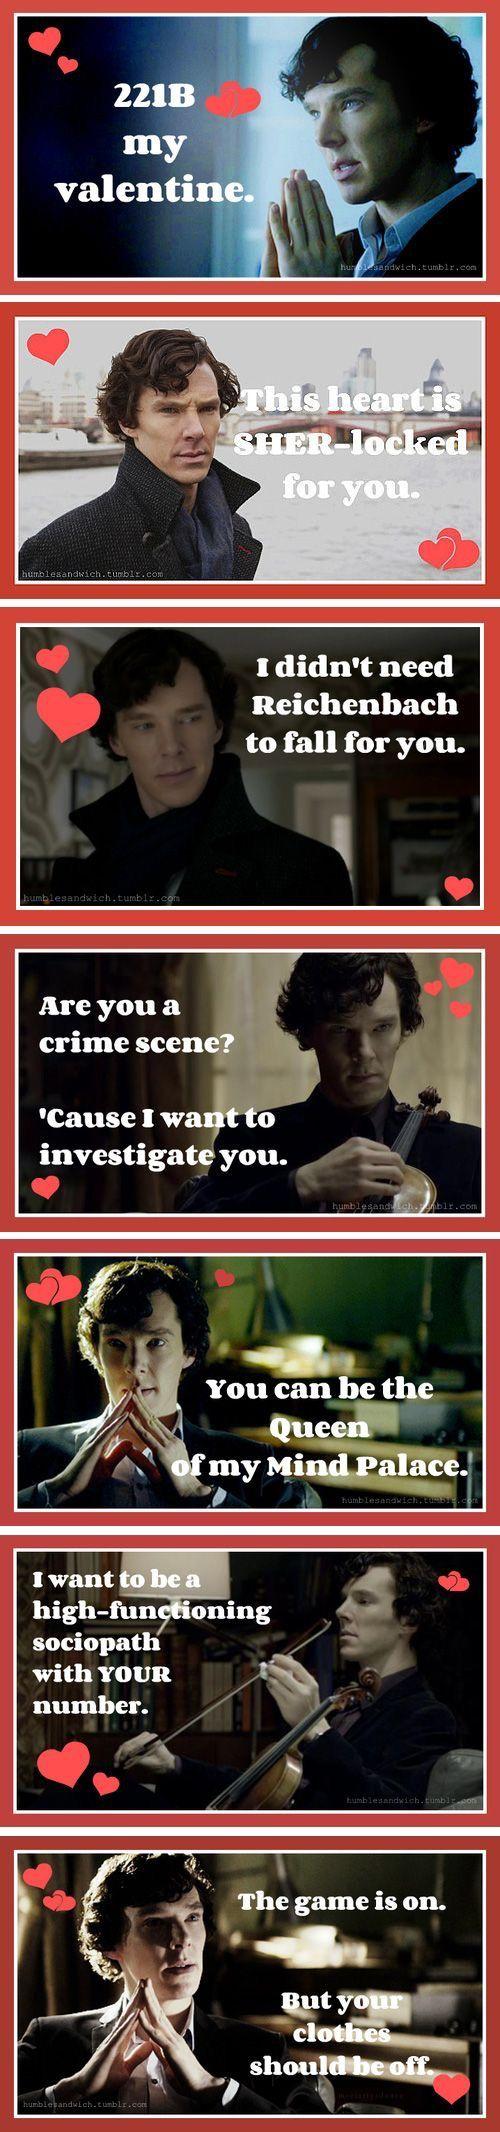 Happy Valentine's Day Fellow Sherlockians!!! :)